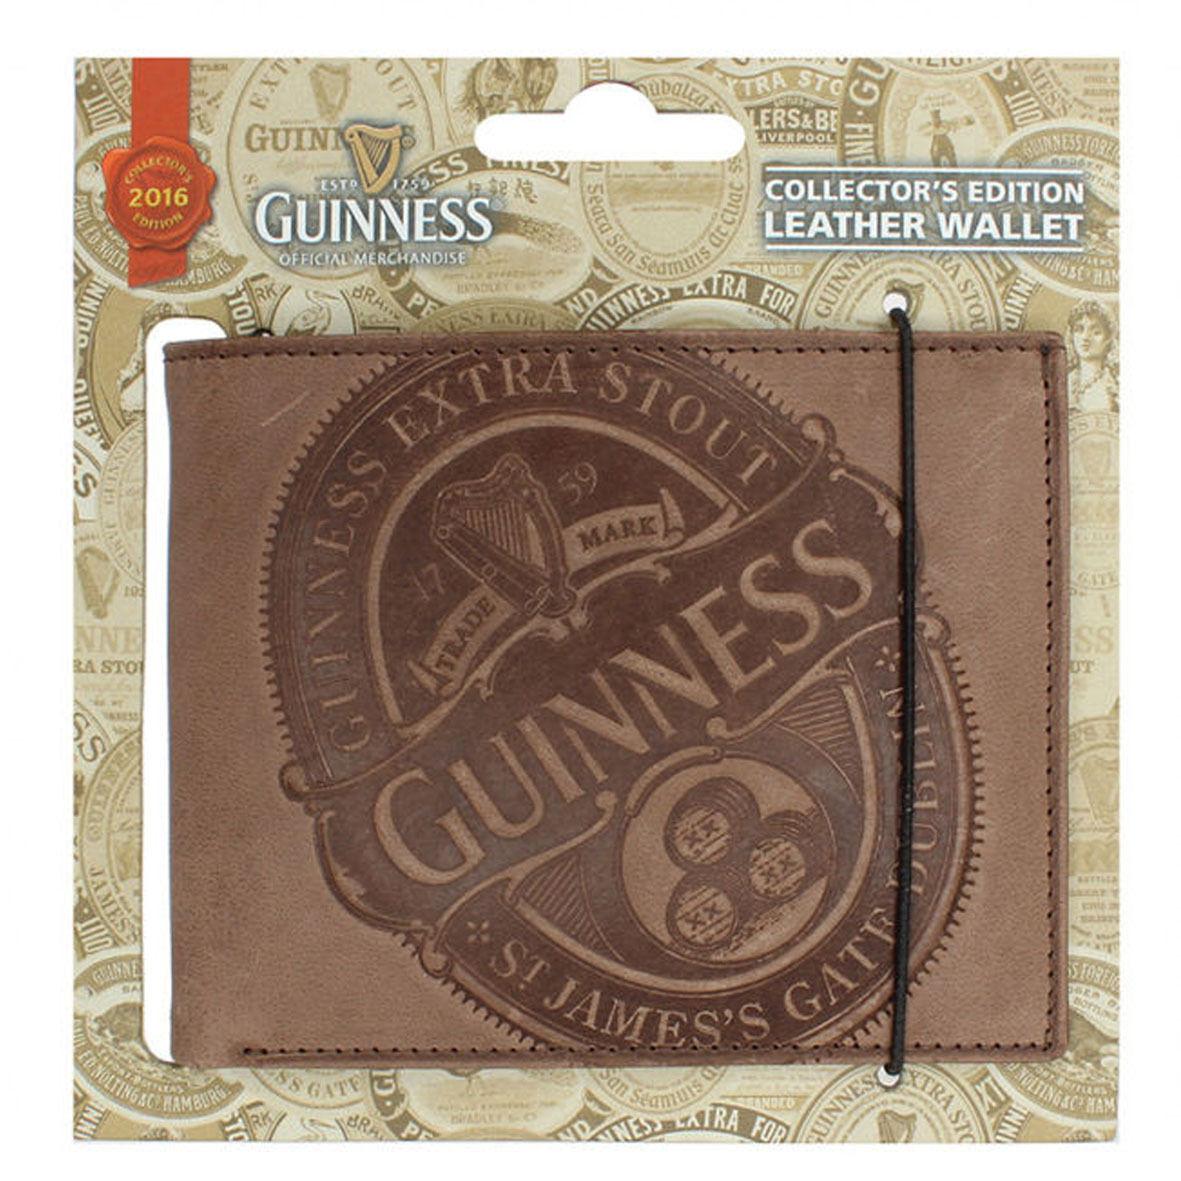 GUINNESS  portafoglio uomo in pelle marrone con stemma inciso 11x9 cm